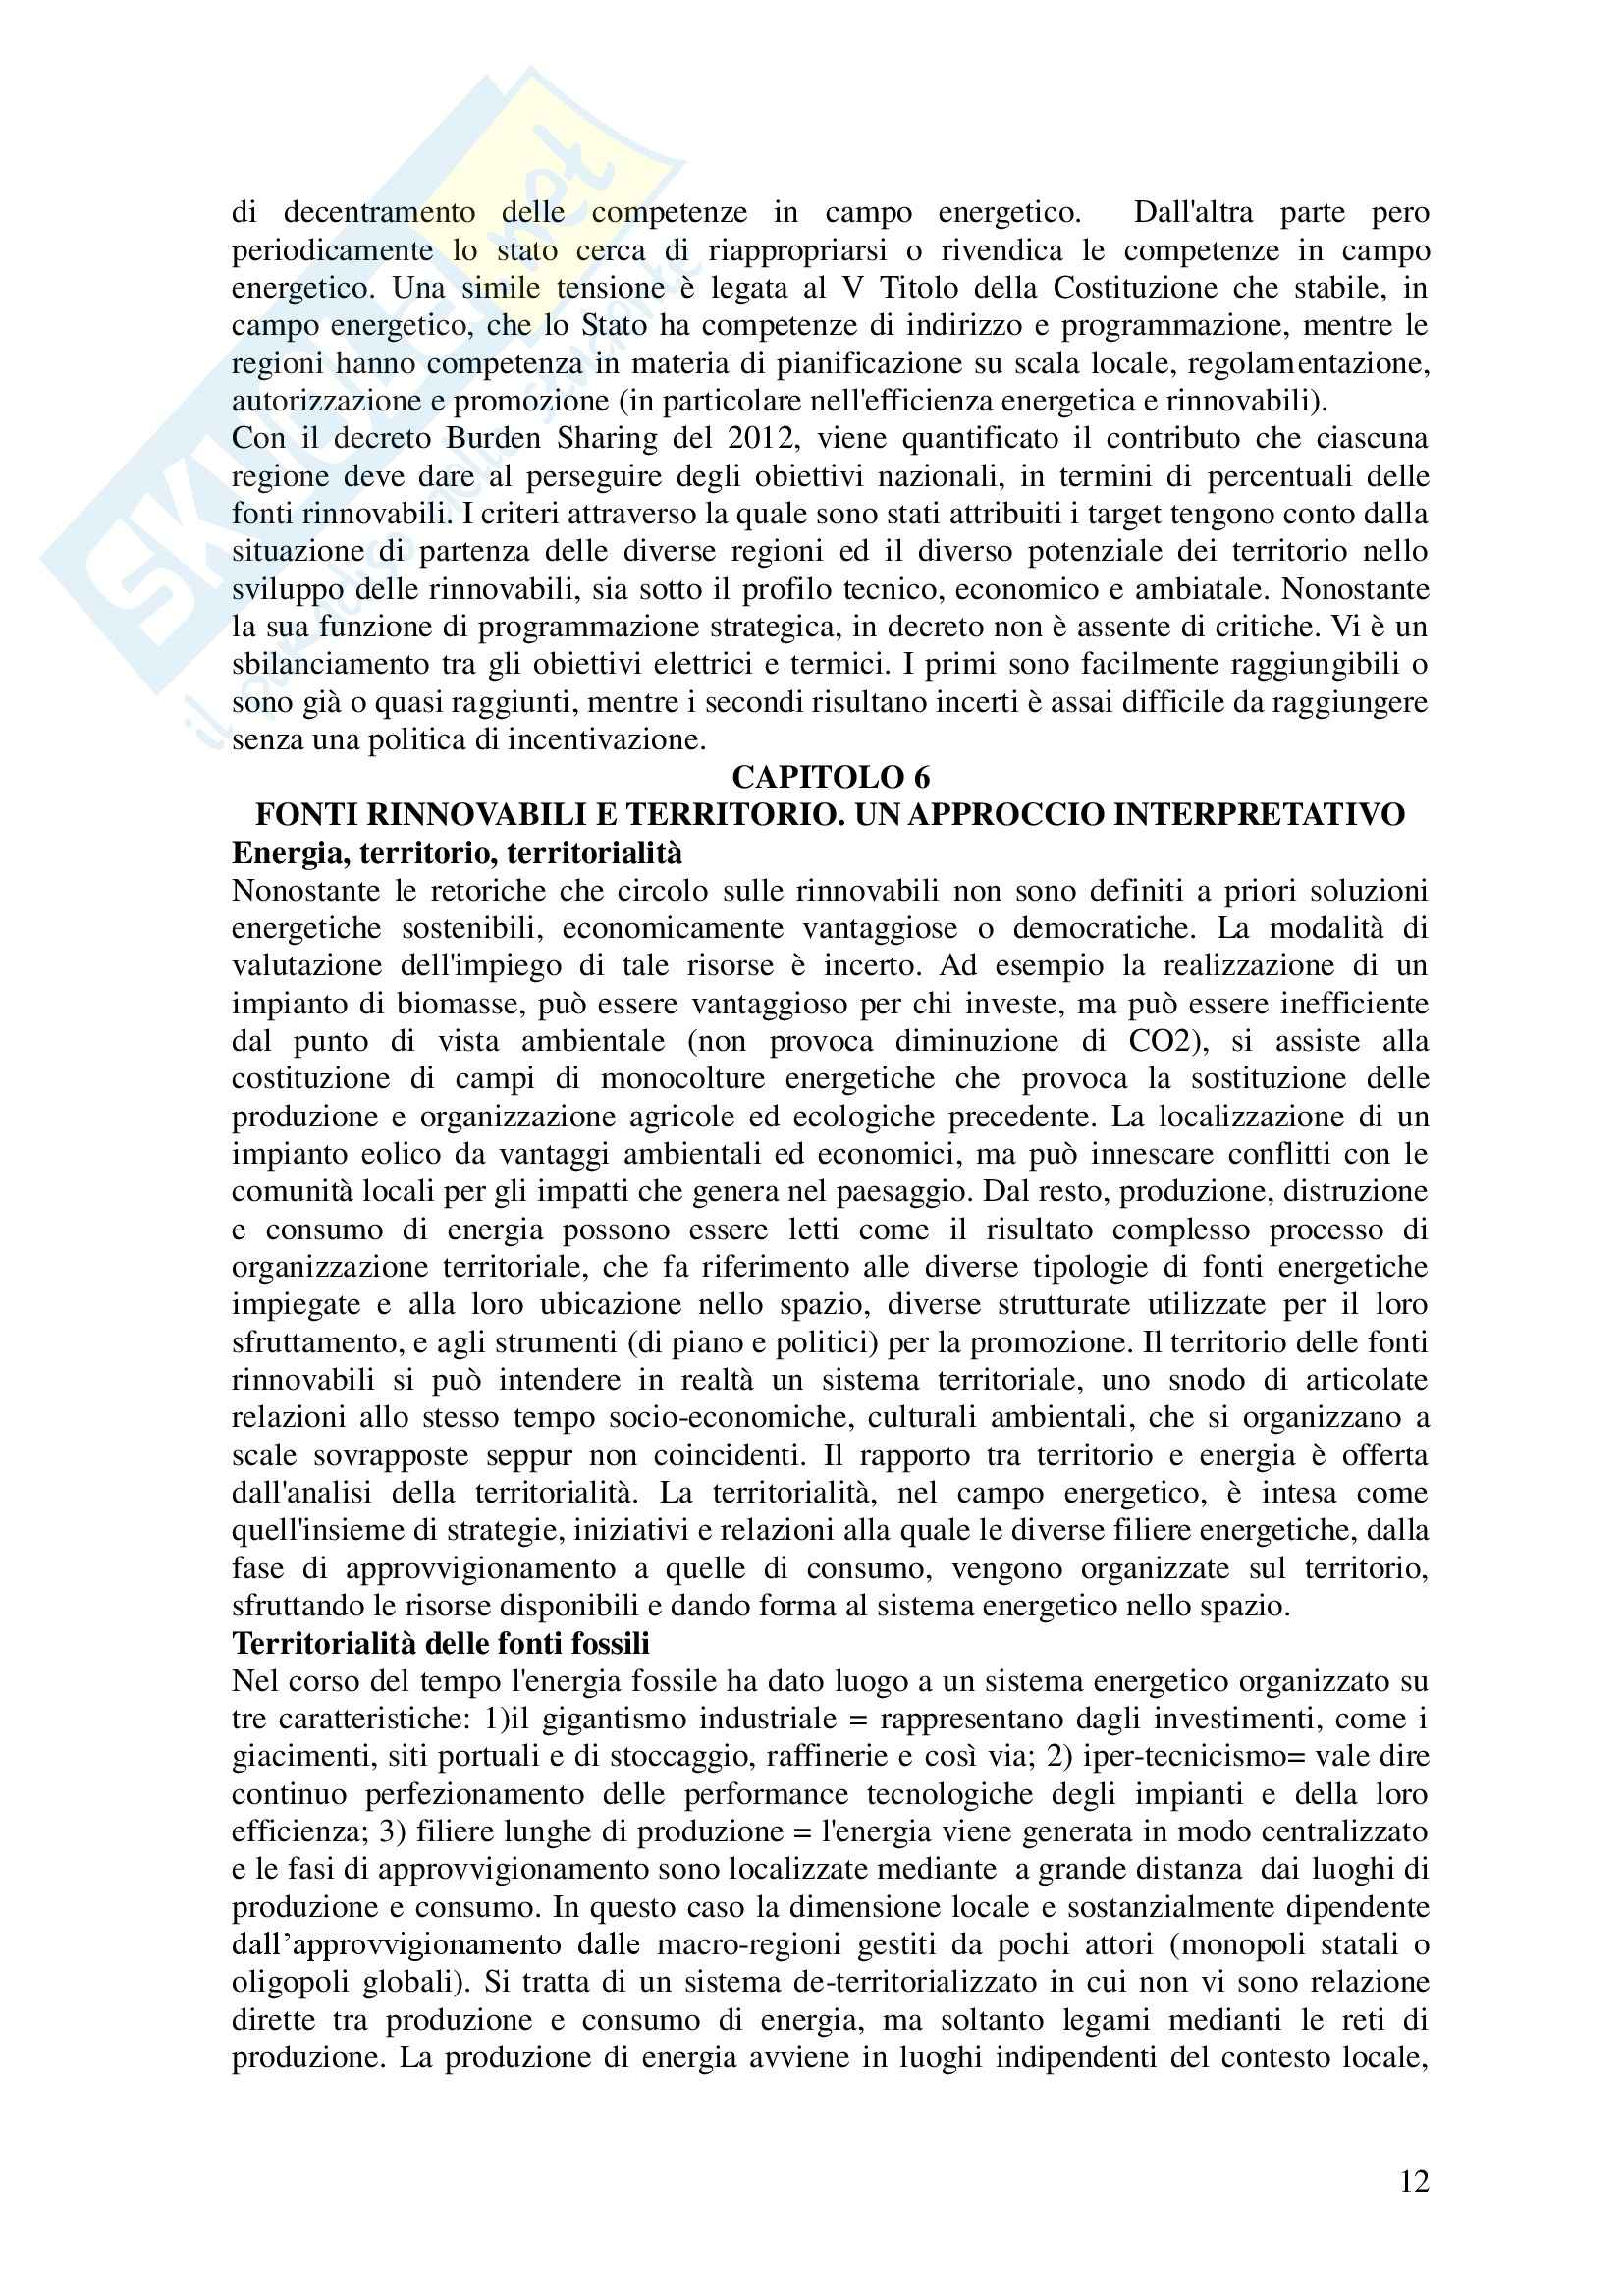 Riassunto esame Politiche del territorio e sostenibilità, libro adottato Geografia delle fonti rinnovabili, Puttili Pag. 11